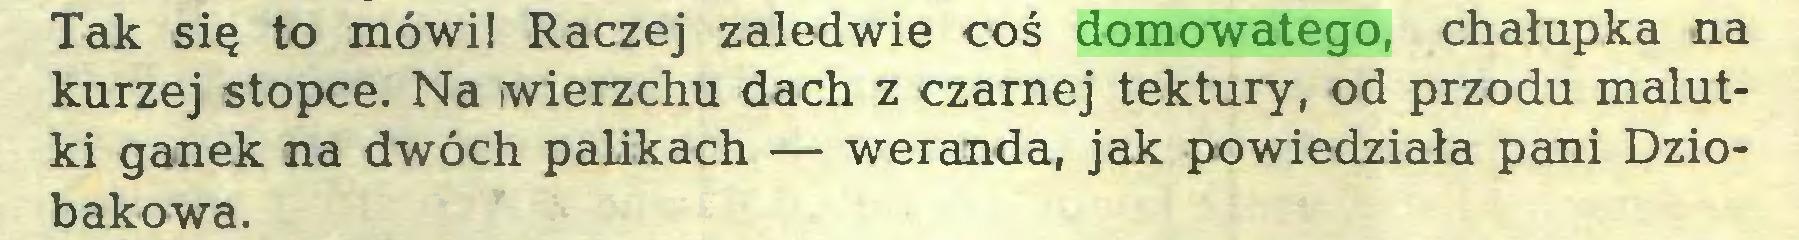 (...) Tak się to mówi! Raczej zaledwie coś domowatego, chałupka na kurzej stopce. Na wierzchu dach z czarnej tektury, od przodu malutki ganek na dwóch palikach — weranda, jak powiedziała pani Dziobakowa...